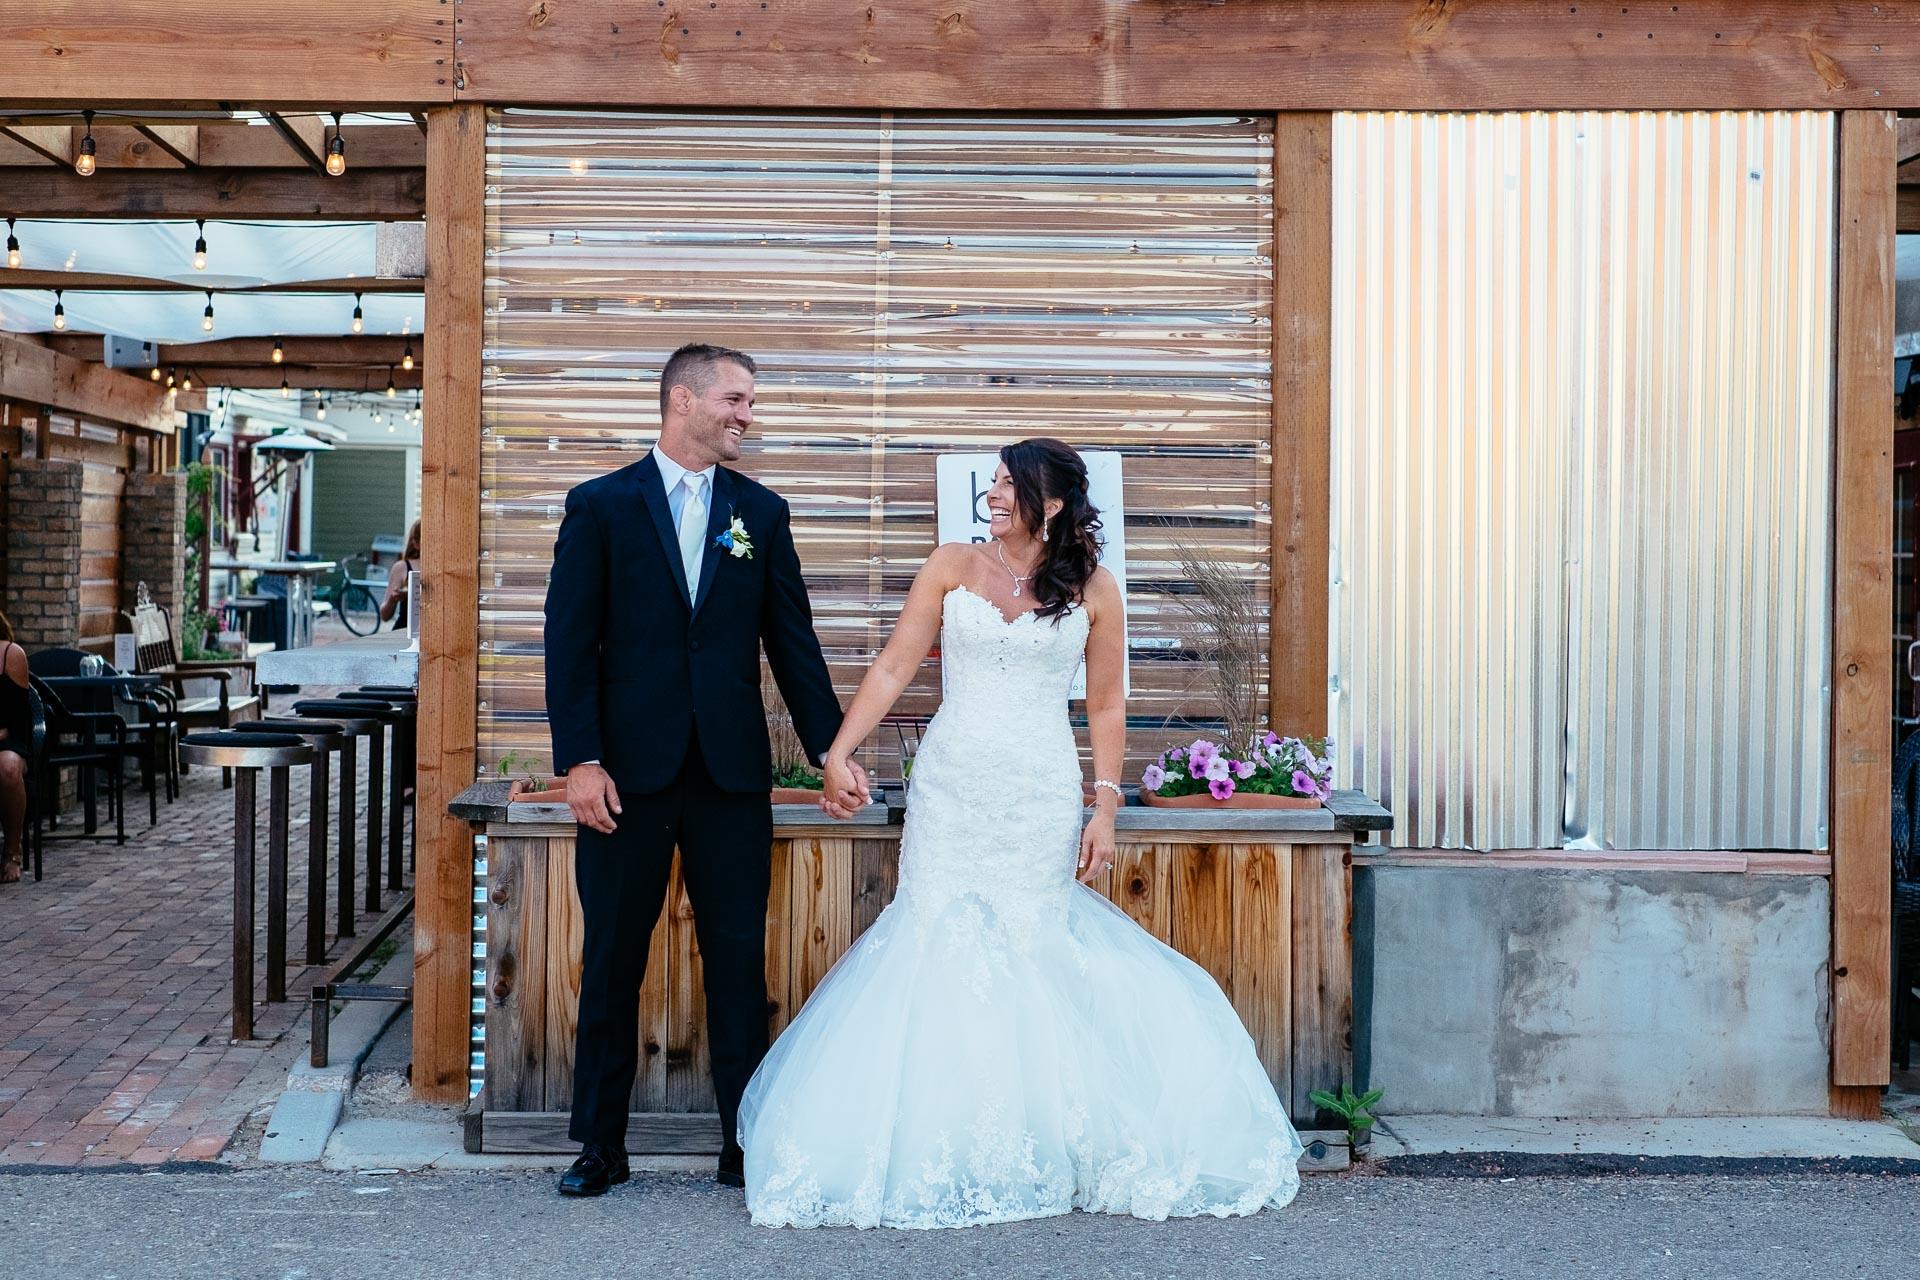 wedding-reception-pôr-louisville-portrait